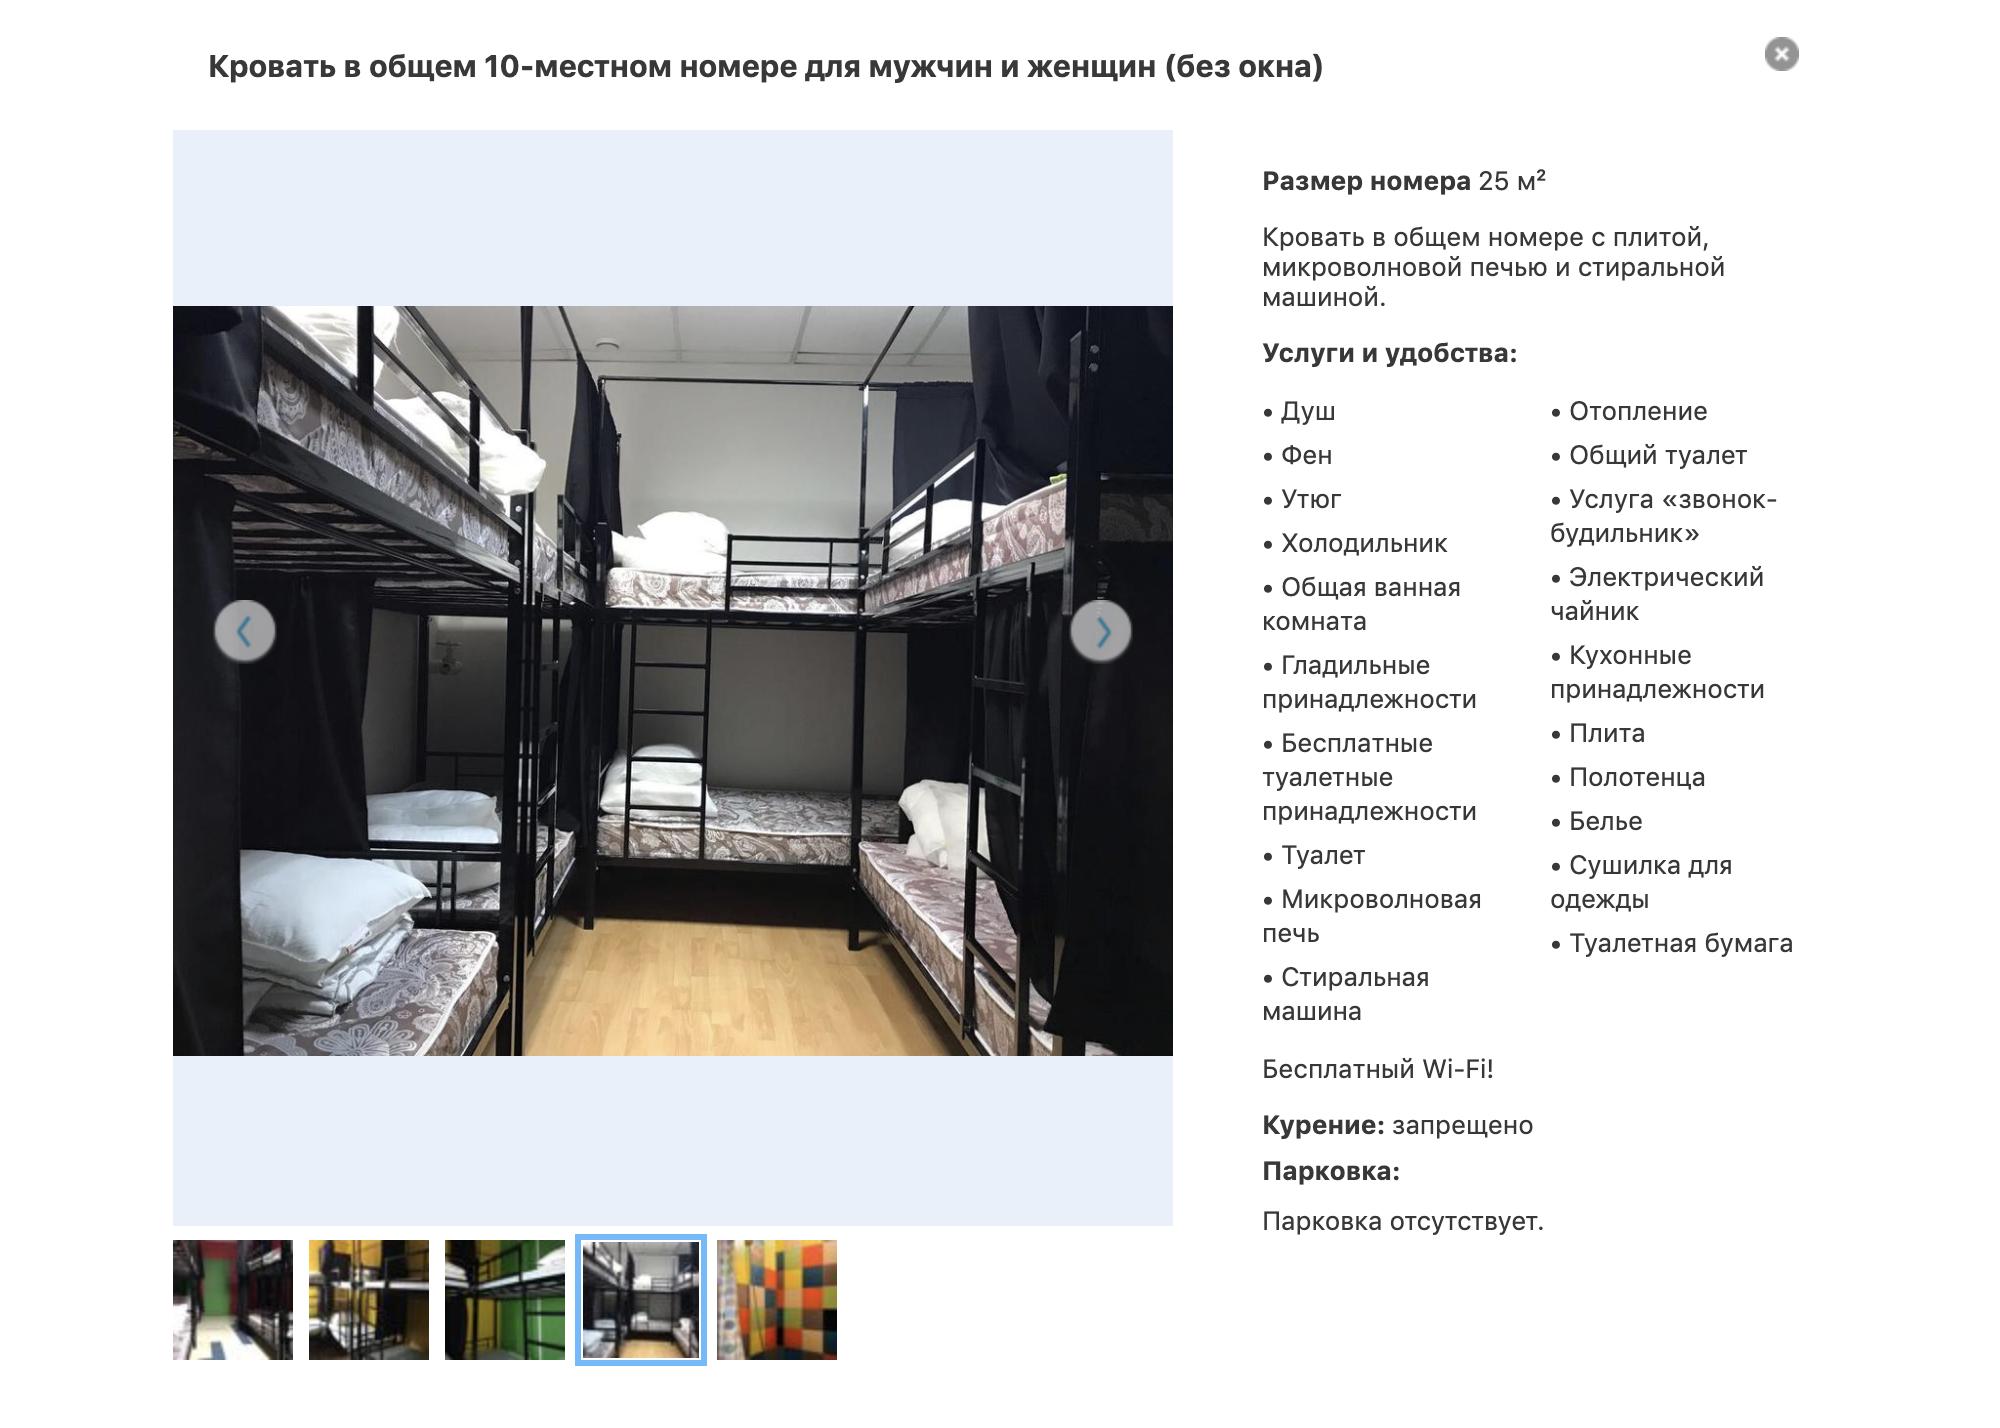 В этом хостеле я прожила год. Сейчас цены в нем уже поменялись, но тогда ночь в 10-местном номере стоила 270<span class=ruble>Р</span>